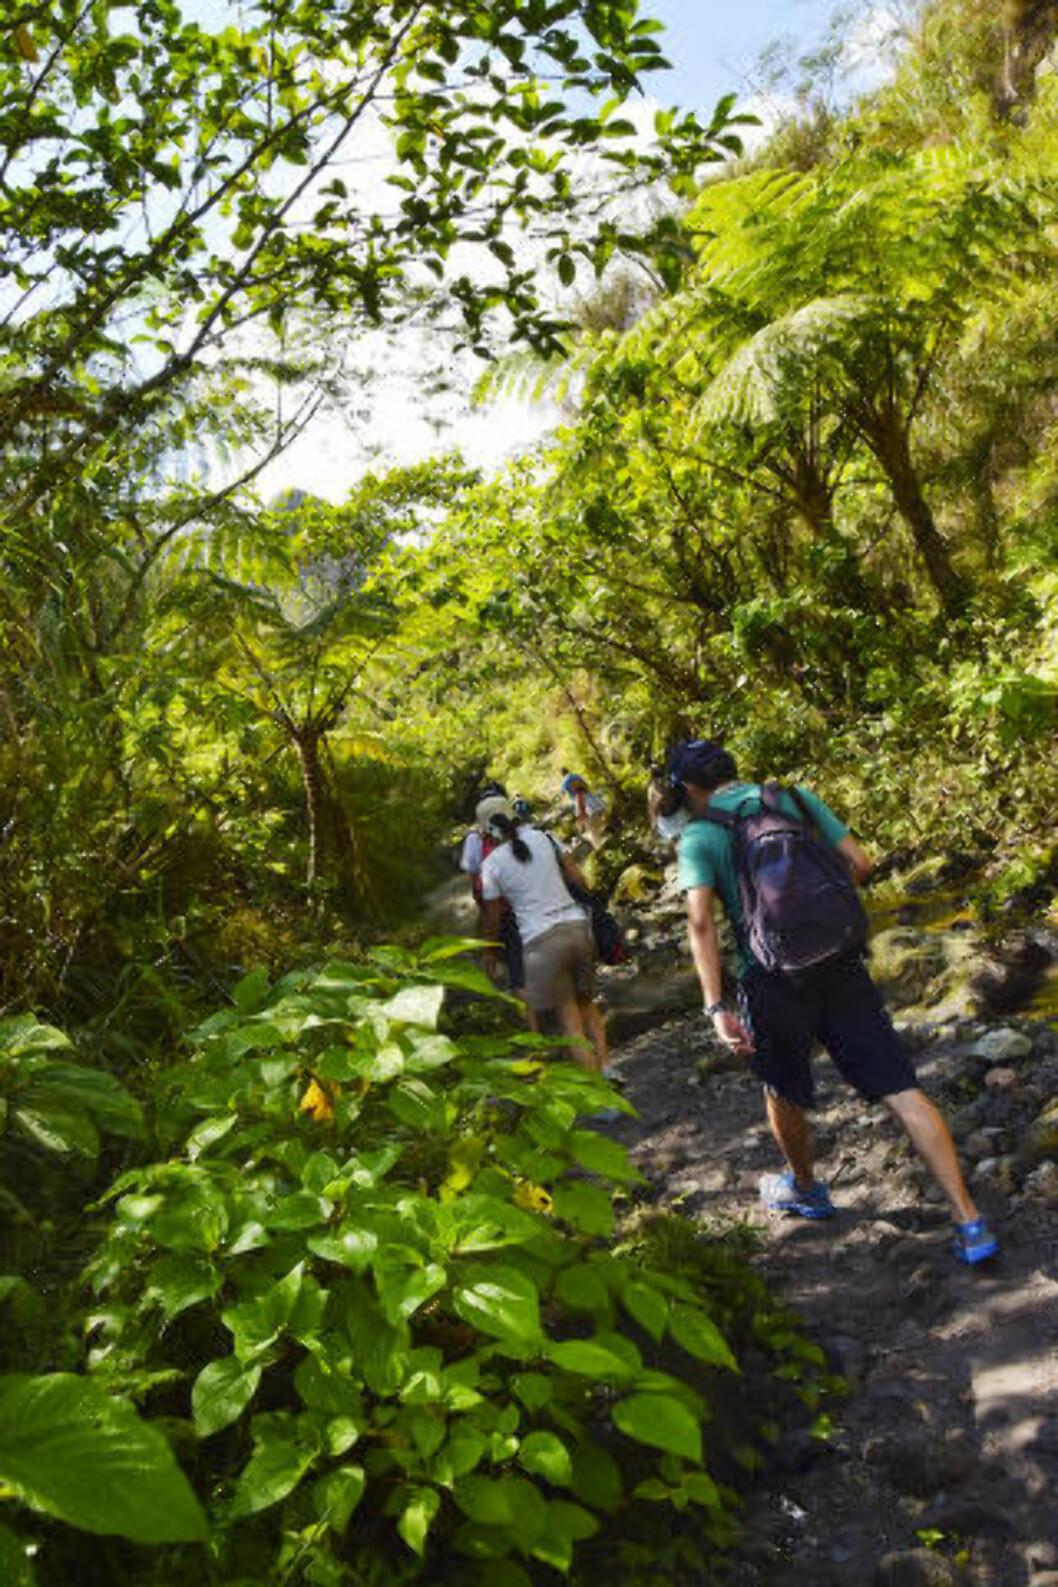 <strong>OVER HALVVEIS:</strong> Mer enn 3000 turister i måneden kommer for å gå den times lange fotturen inn til kraterinnsjøen. Når det er 20 minutter igjen å gå blir det støvete landskapet erstattet med grønn skog og avkjølende vind. Foto: MARI BAREKSTEN